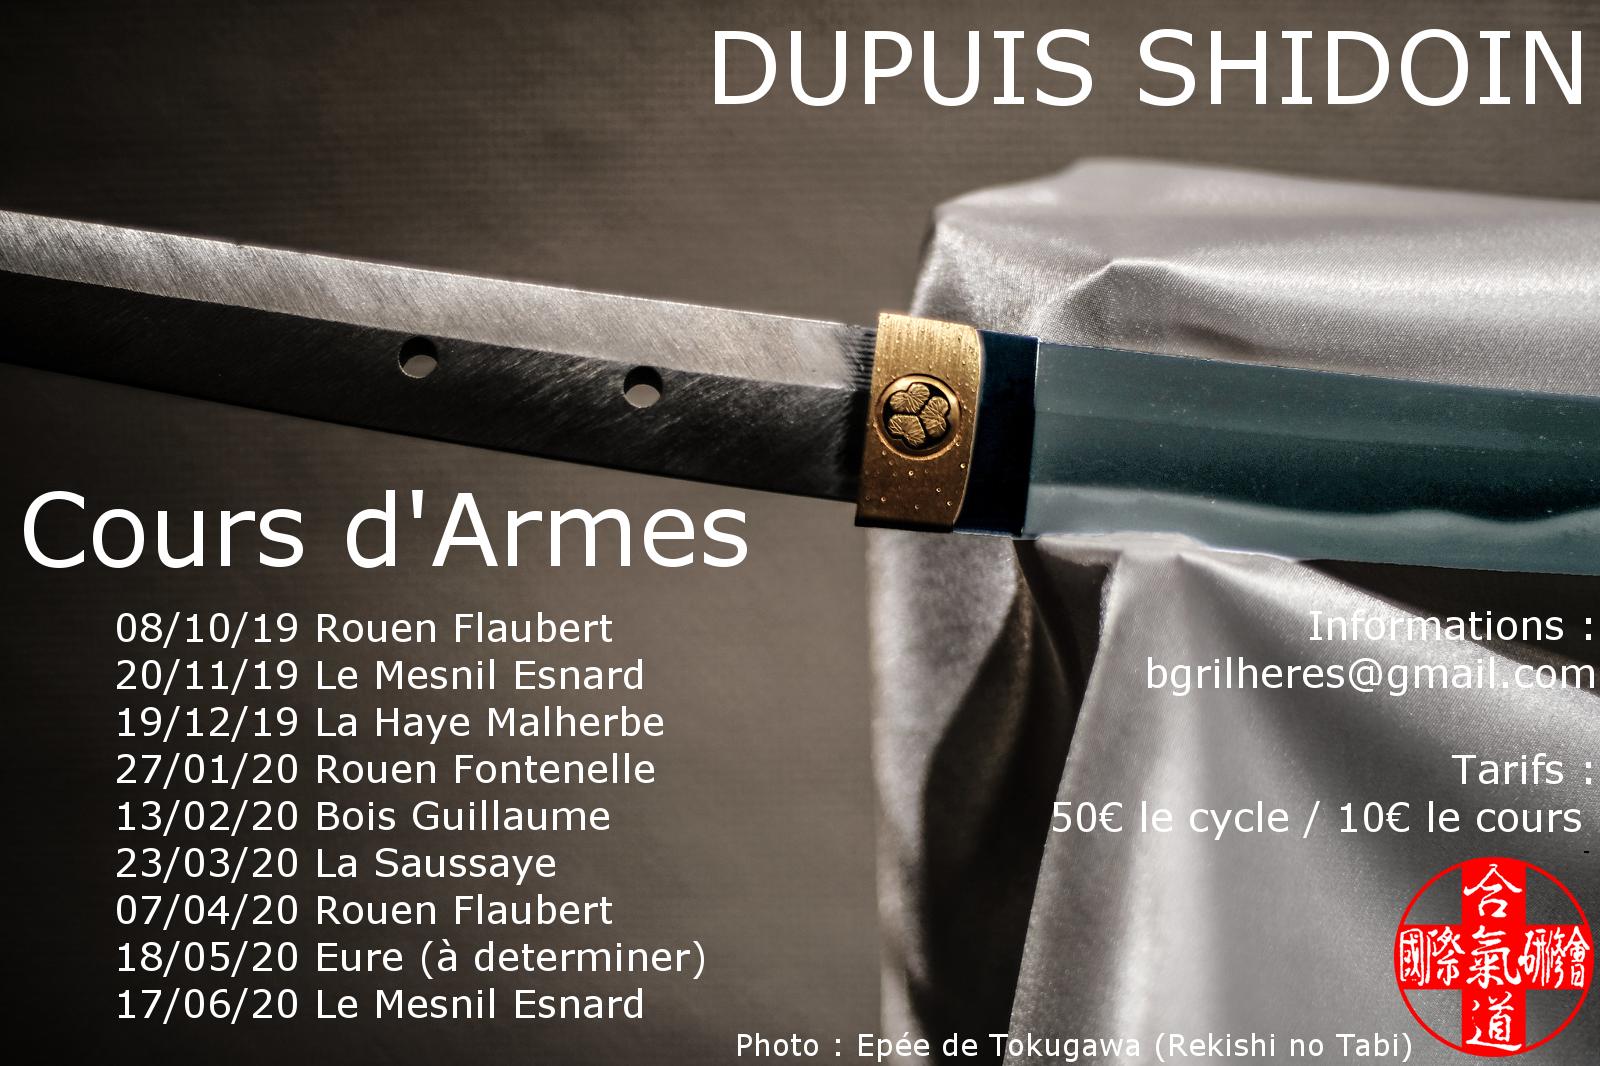 Cours d'armes mensuels dirigés par Dupuis Shidoin